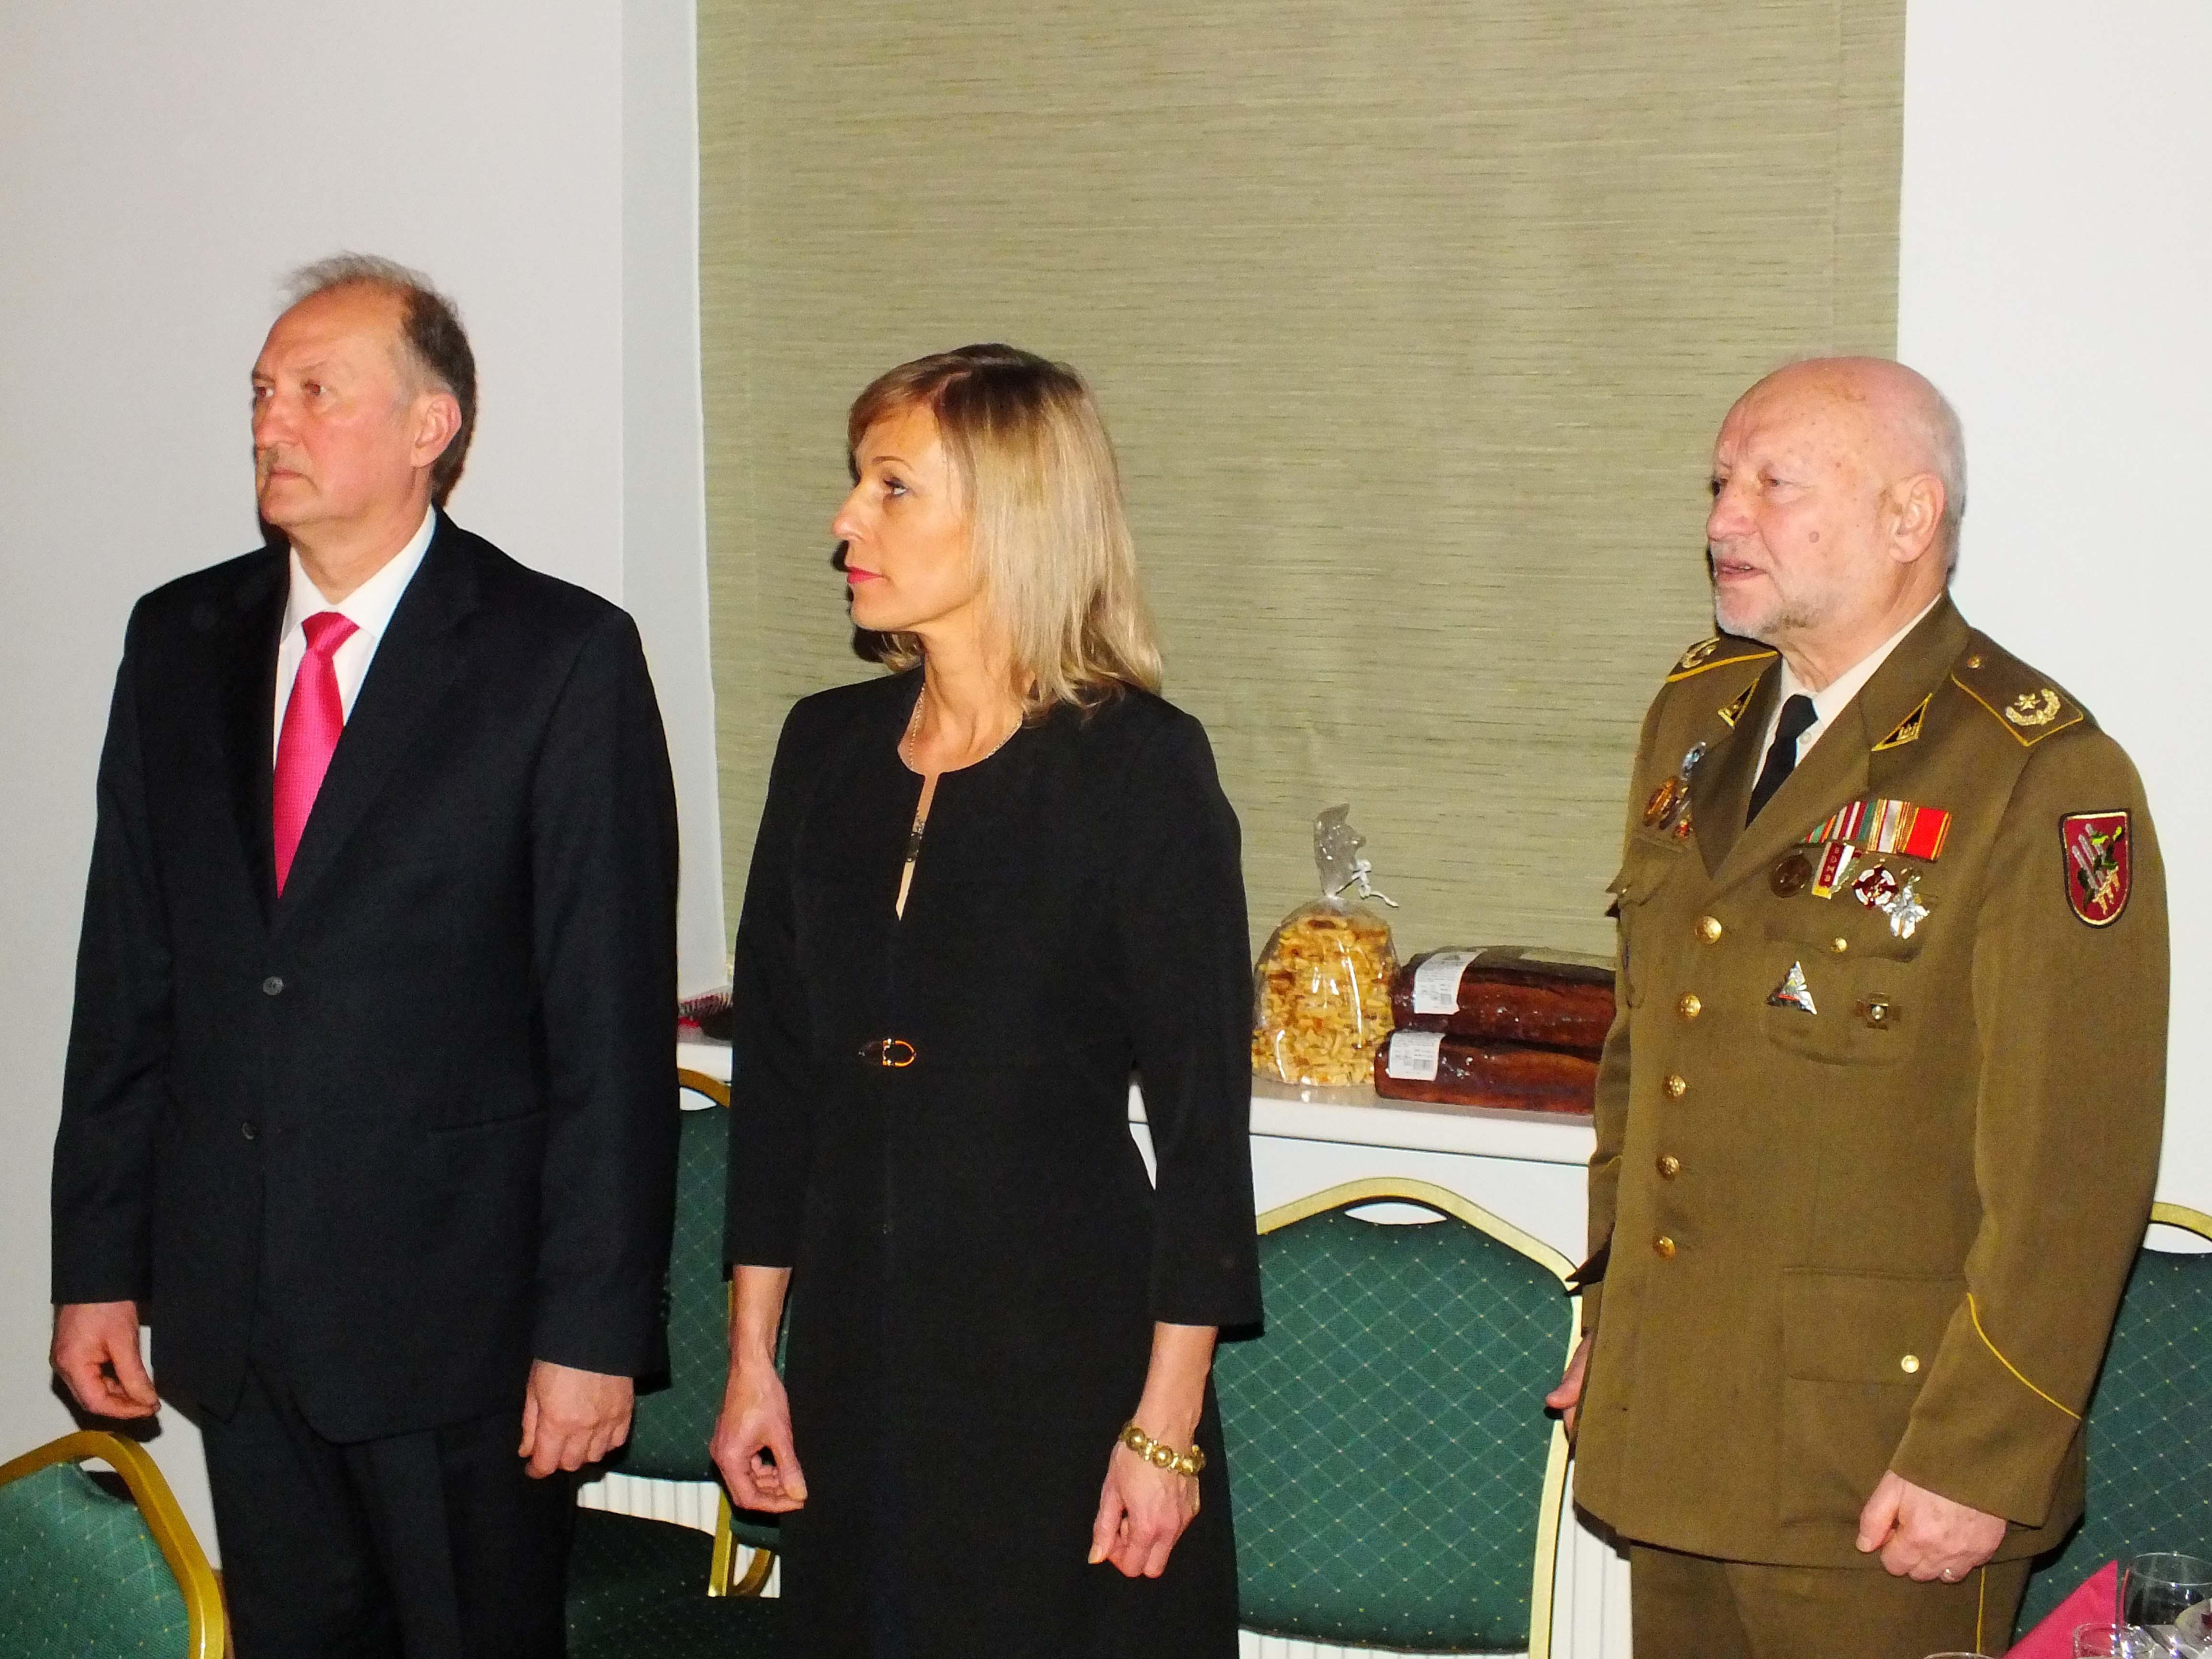 Iš kairės: Normunds Orleans, Diana Orleane ir dim. mjr. Antanas Burokas | P. Šimkavičiaus nuotr.